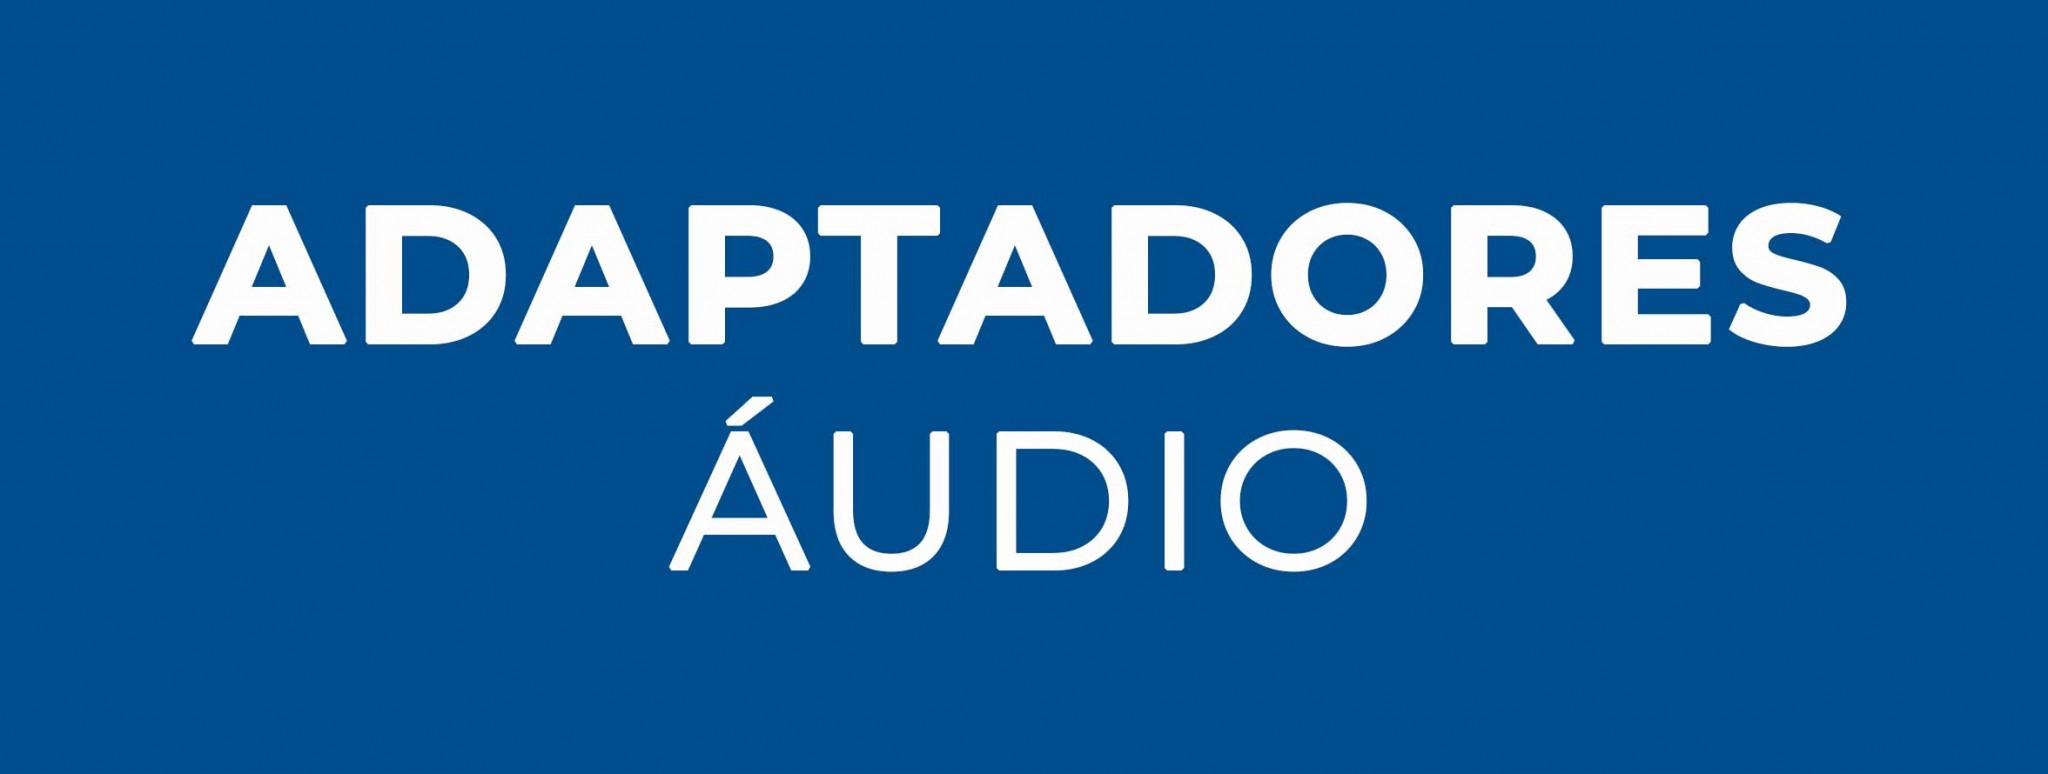 Adaptadores Áudio